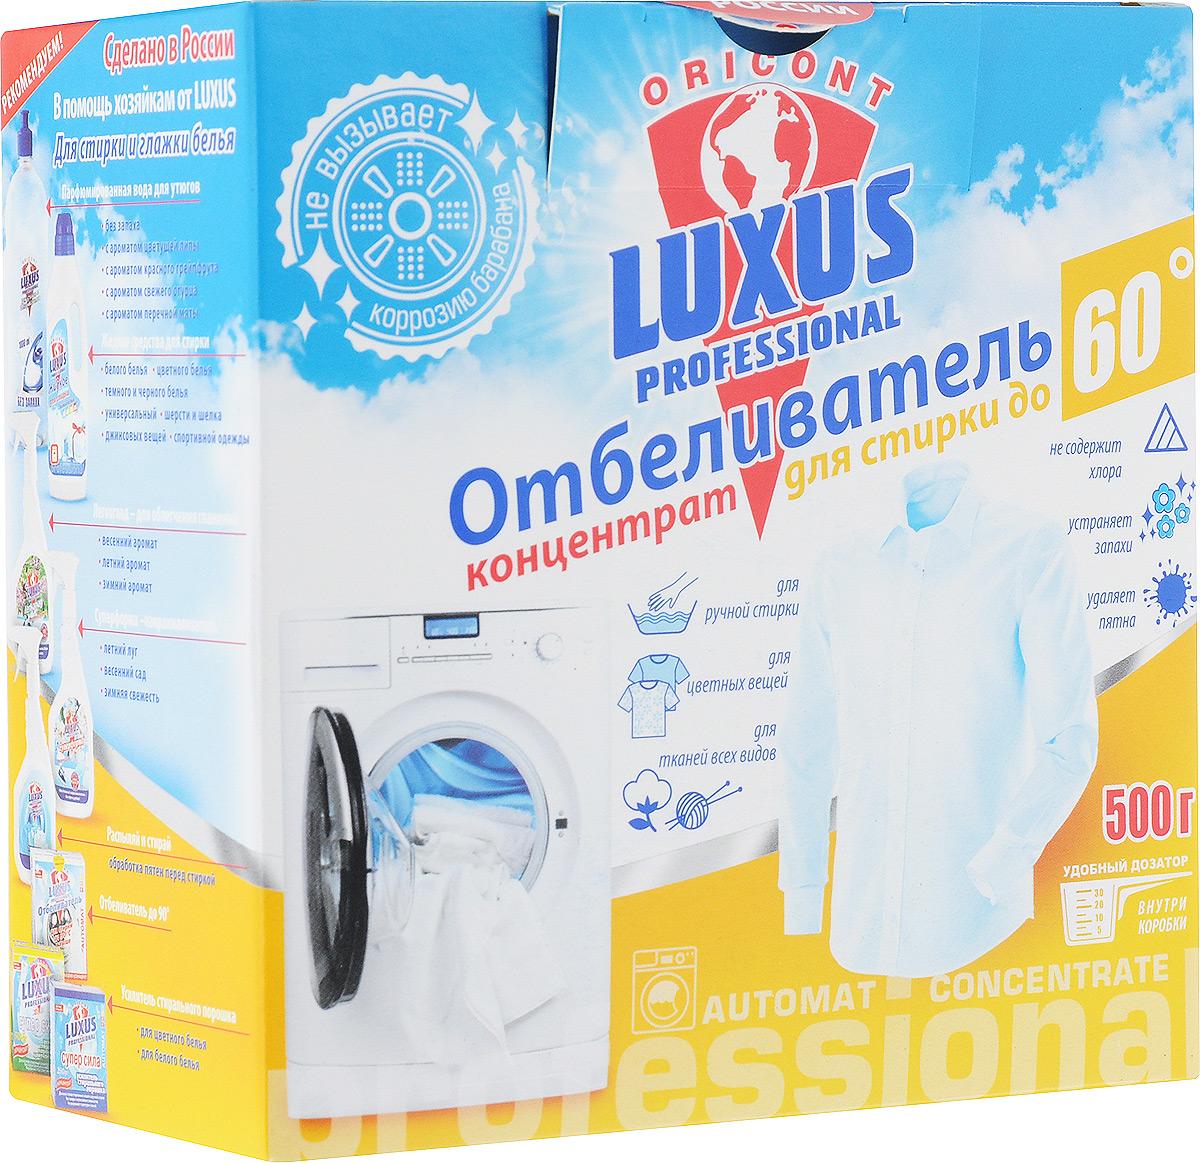 Отбеливатель Luxus Professional oricont, концентрат, 500 гGC204/30Отбеливатель Luxus oricont бережно отбеливает изделия из тканей всех видов: шерсти, шелка, вискозы, хлопка, а также окрашенных и набивных тканей при низких температурах 40 - 60°С. Удаляет любые трудно выводимые пятна чая, кофе, соки, вина. Отбеливатель не содержит хлор. Не вызывает коррозию барабанов стиральных машин и удаляет неприятные запахи. Обладает дезинфицирующими свойствами.Товар сертифицирован.